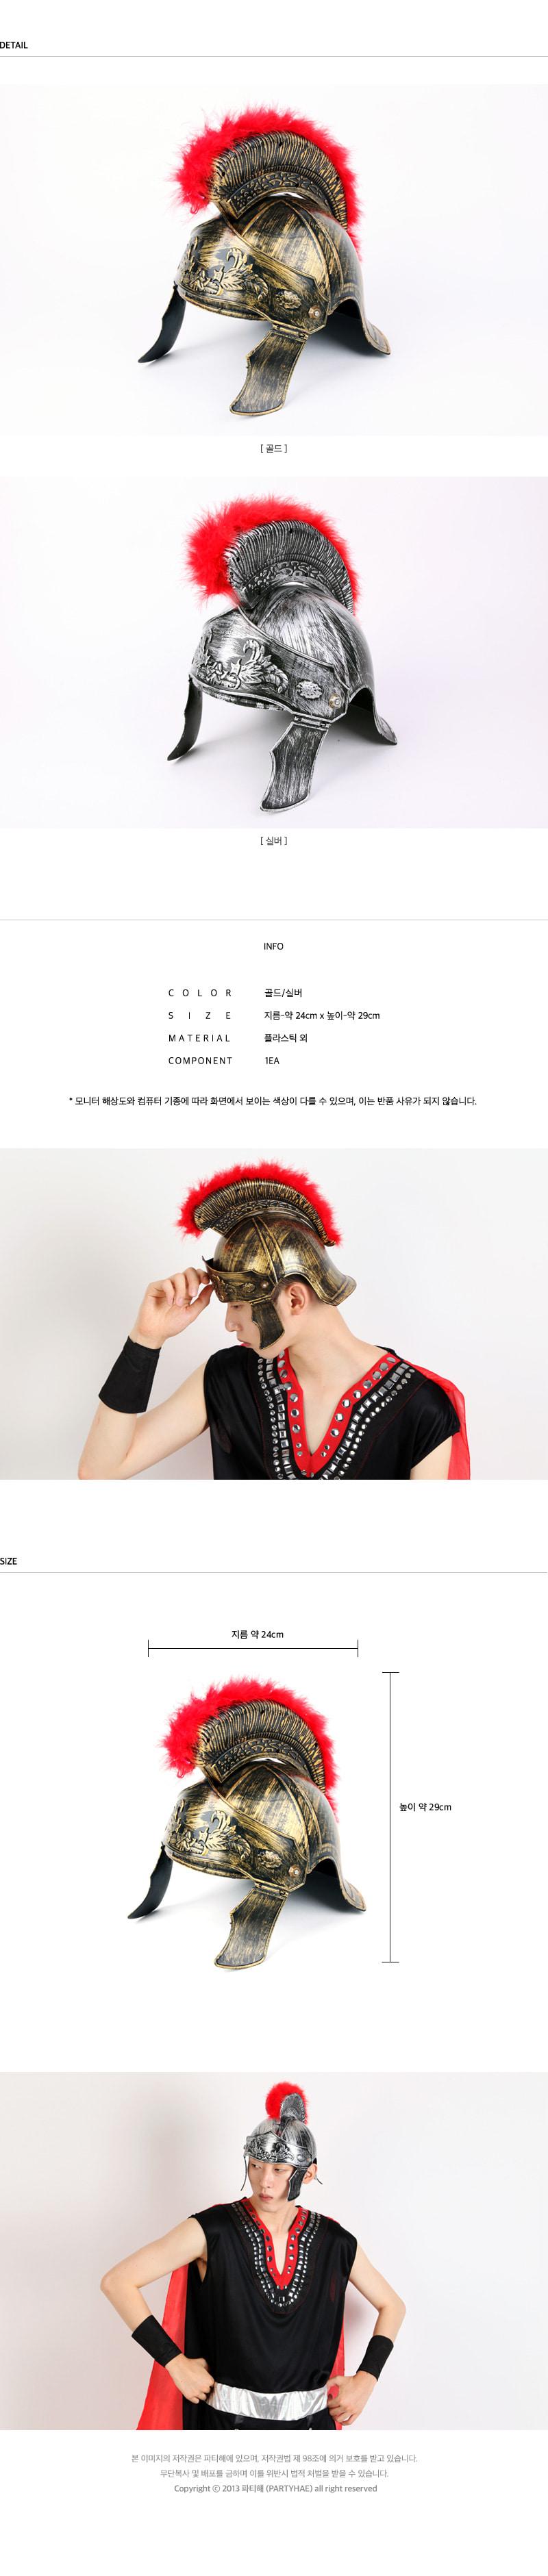 깃털 중세전사투구 (골드) - 파티해, 16,000원, 파티의상/잡화, 모자/고깔